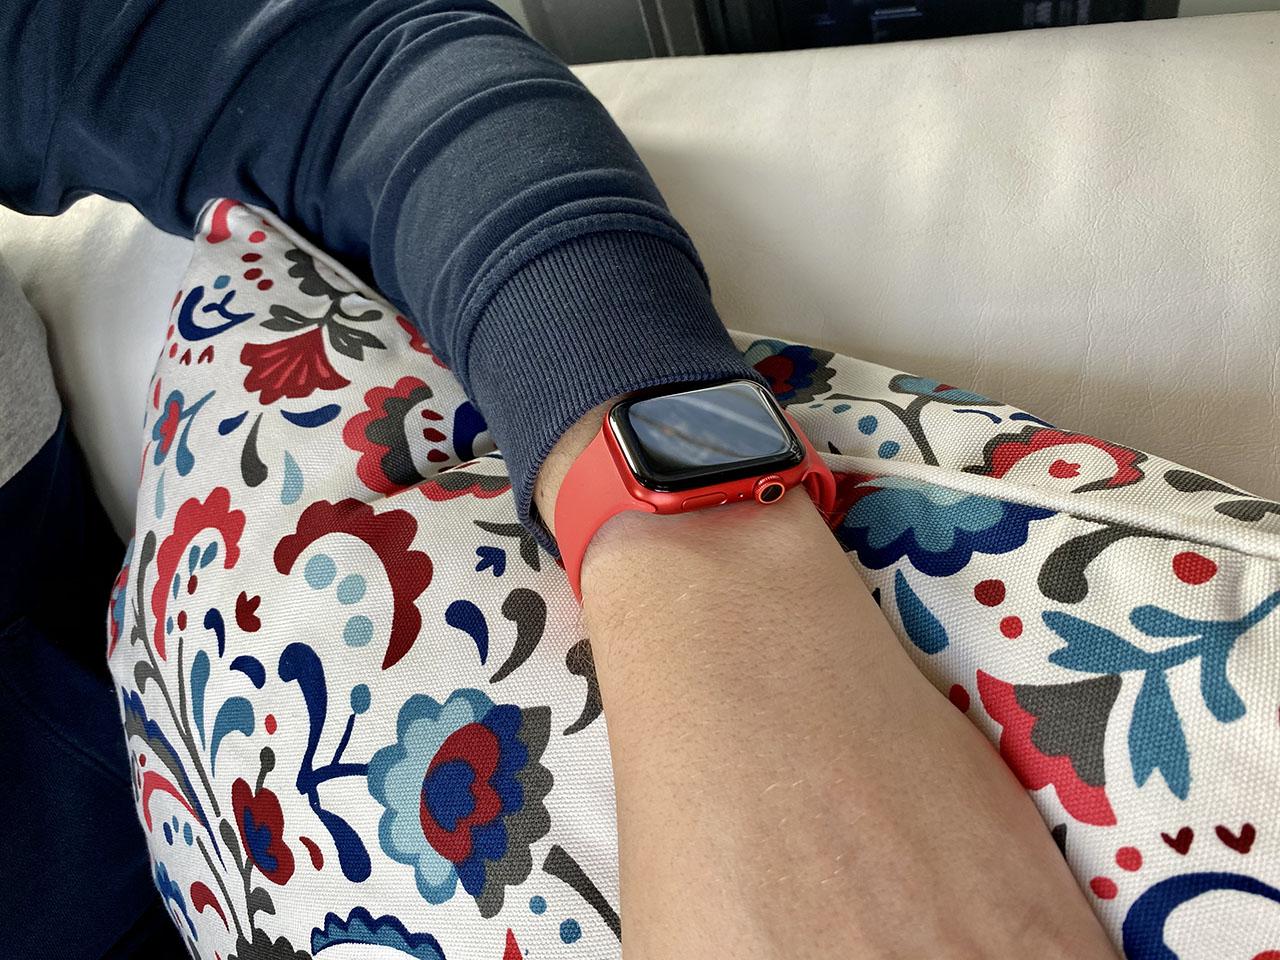 Apple Watch Series 6 in rood tijdens het dragen